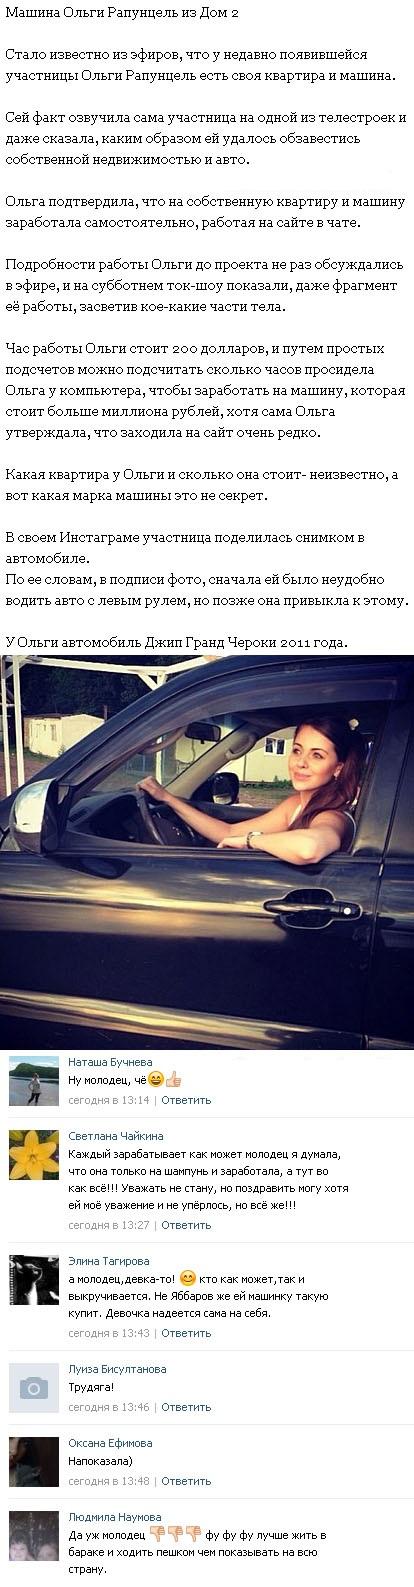 Фото машины на которую заработала Ольга Рапунцель